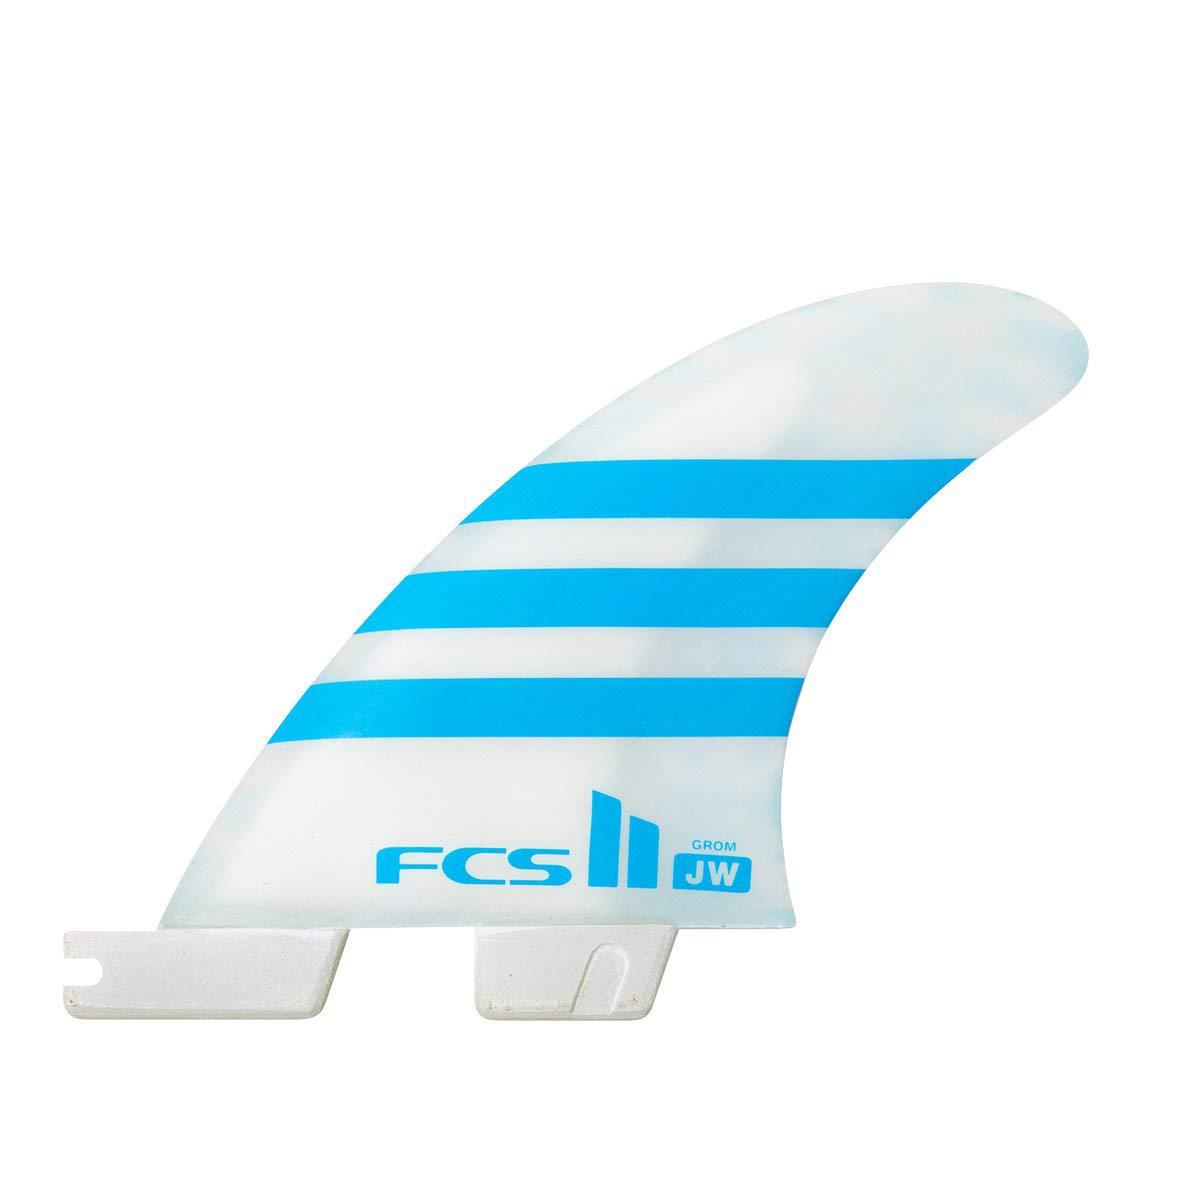 FCS II ジュリアン ウィルソン PC エアコア スラスター フィンセット ブルー グロム